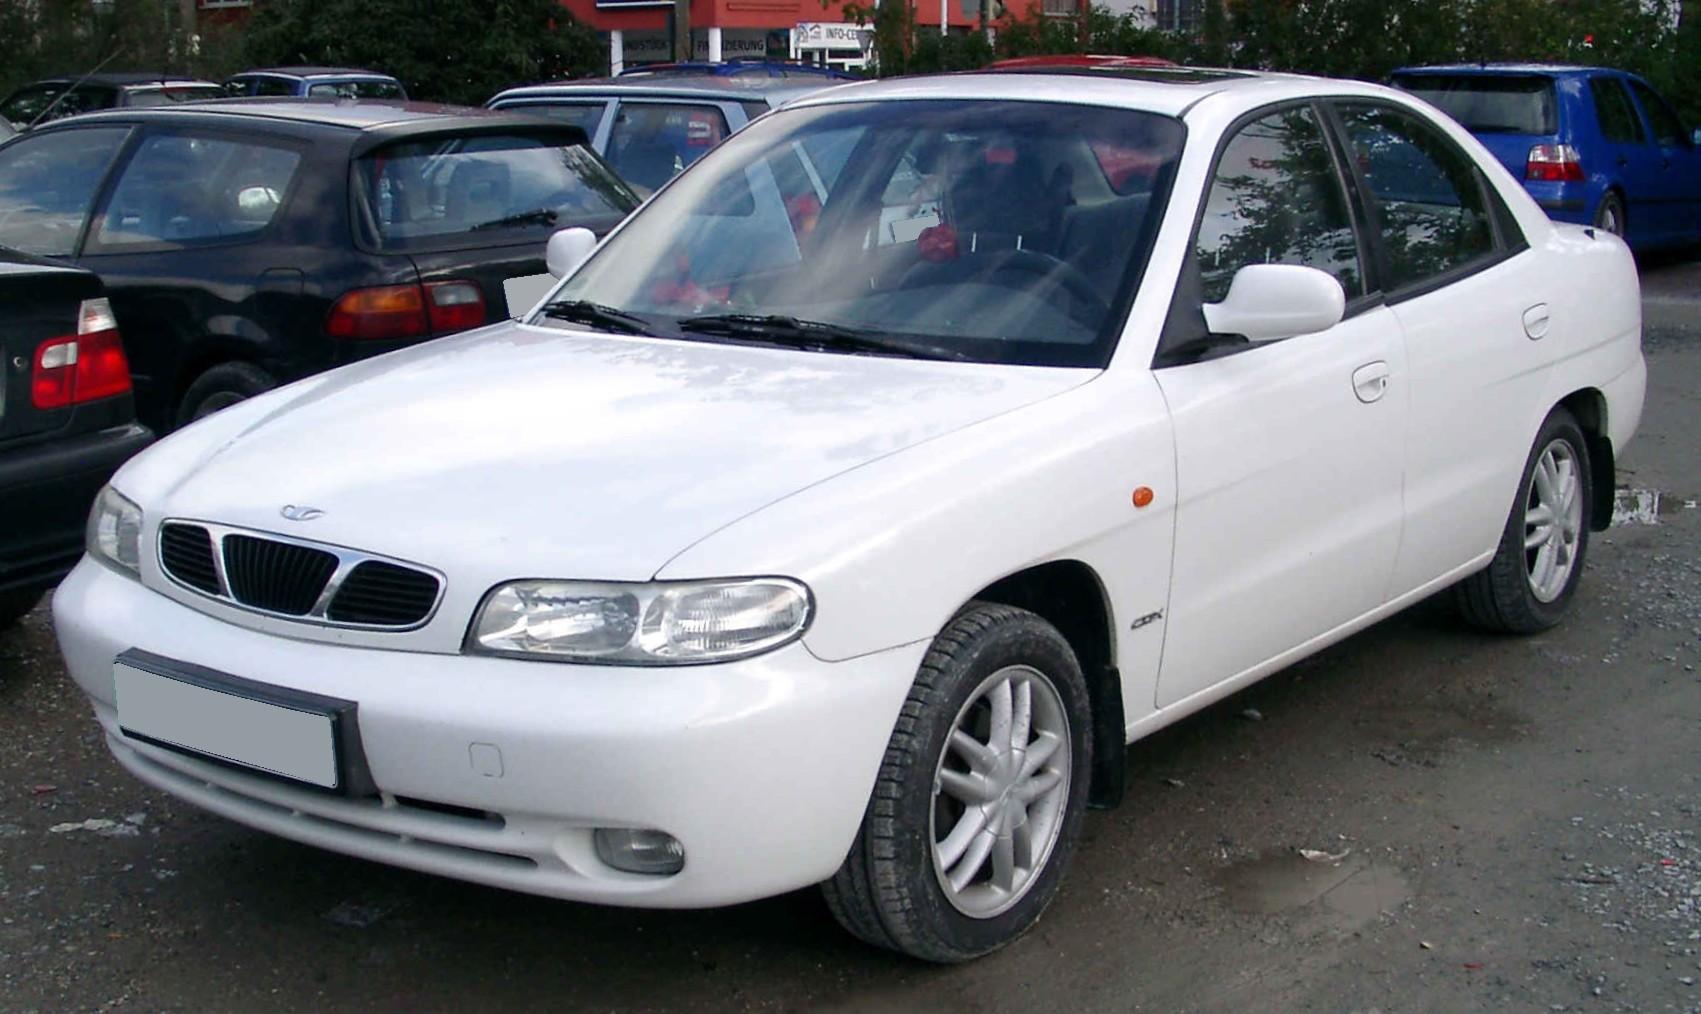 2001 Daewoo Nubira #1 Daewoo Nubira #1